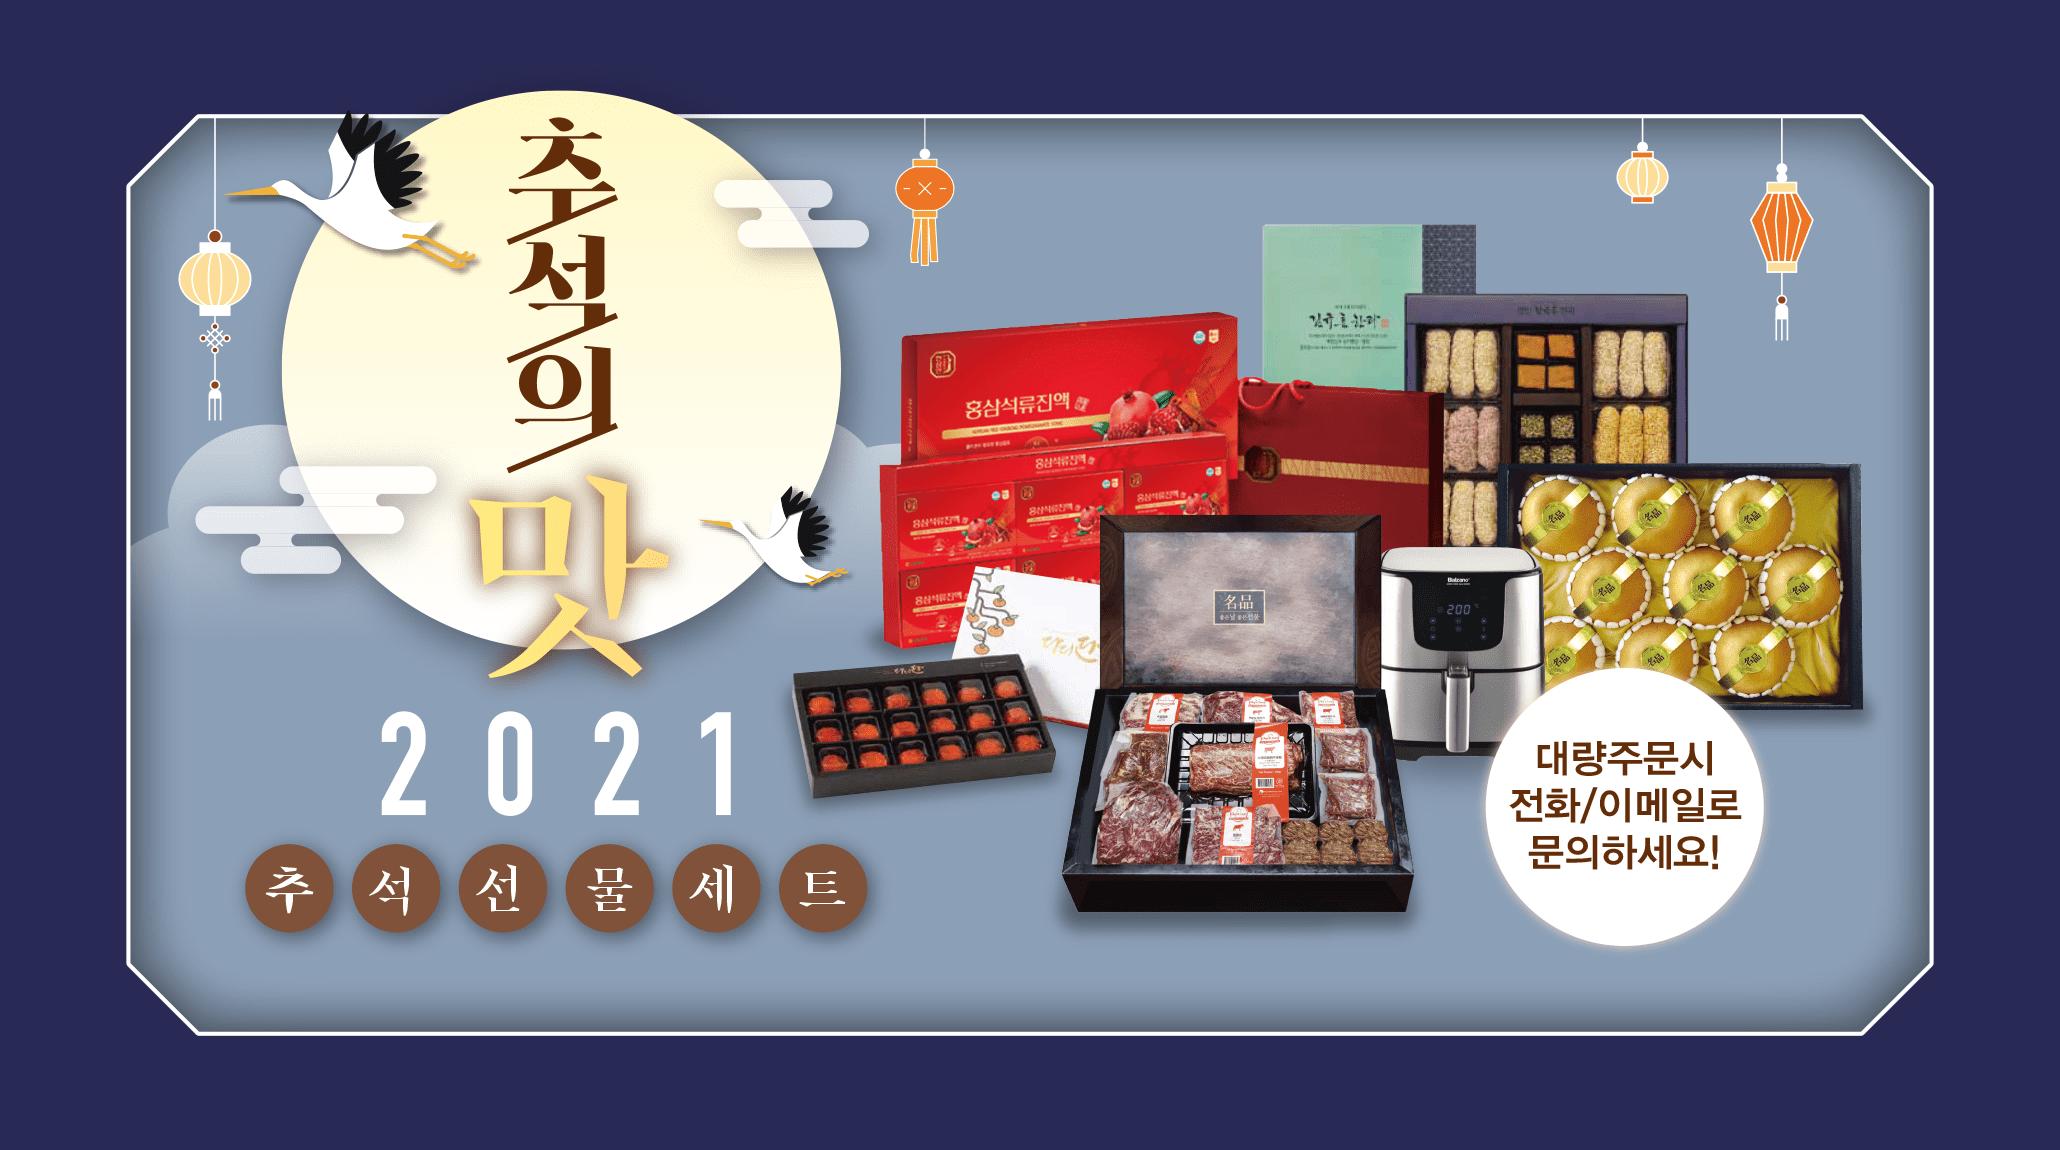 韓國食品-2021 추석선물세트